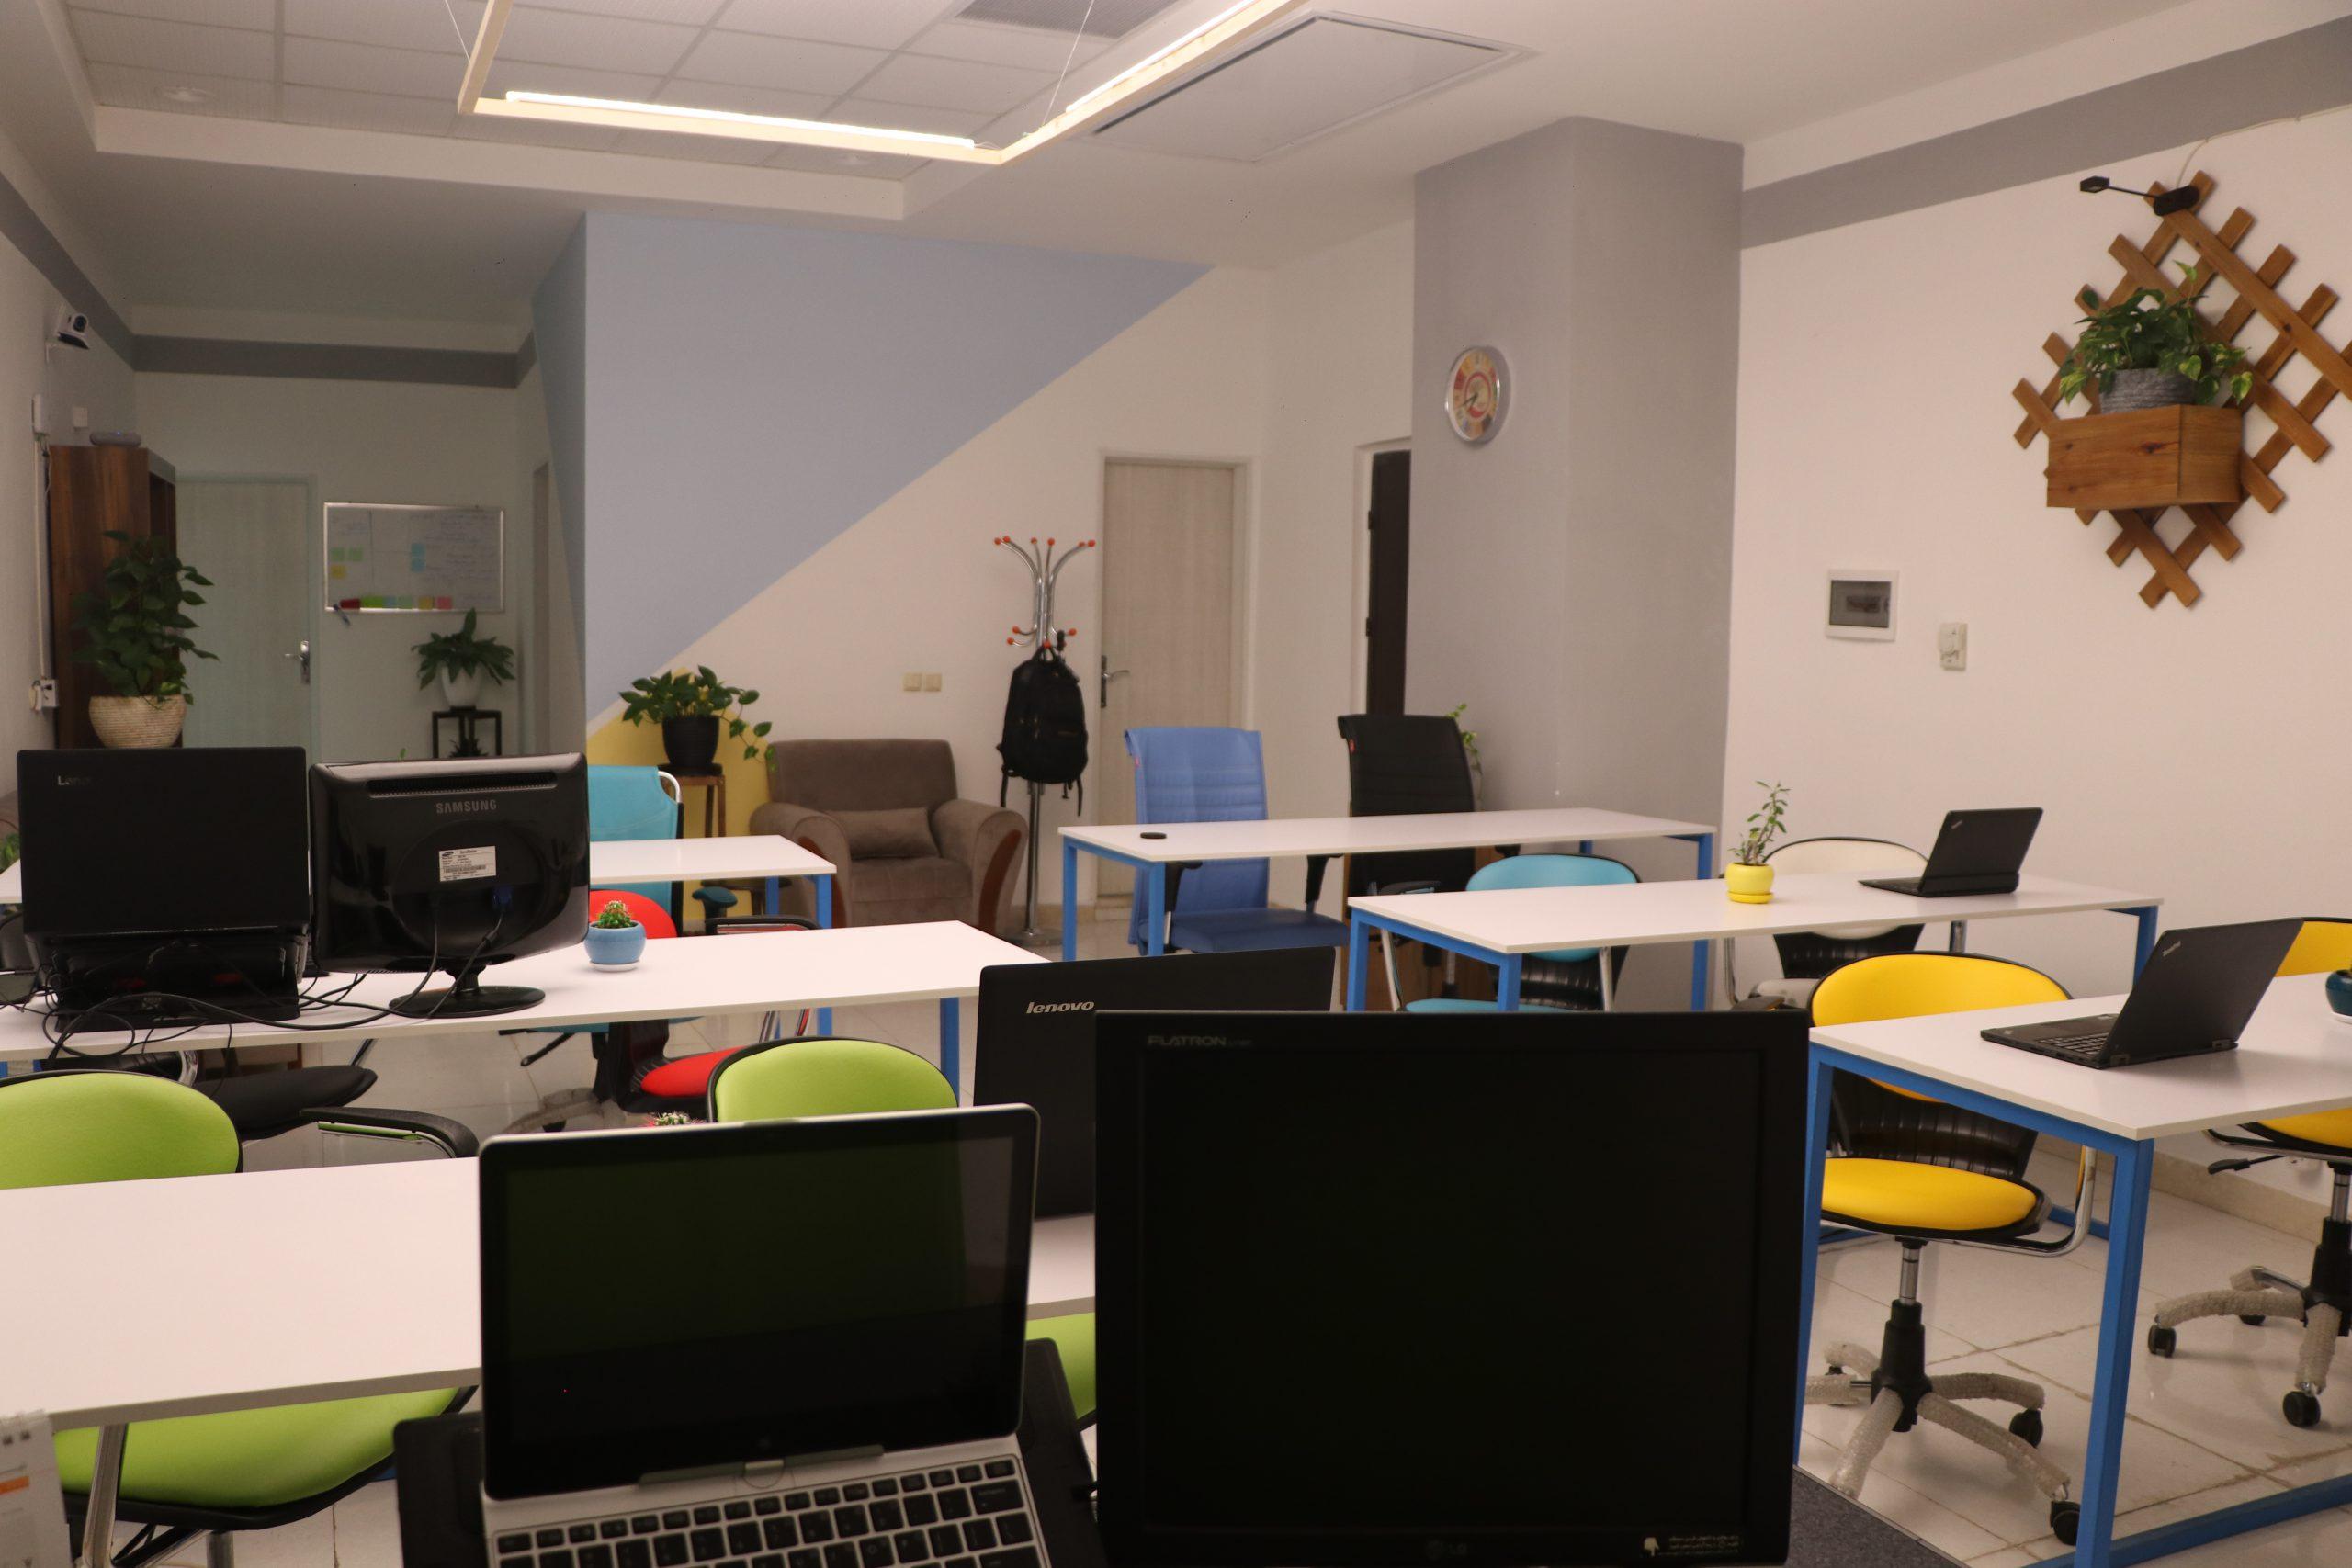 دفتر شرکت طراحی و راه اندازی وب سایت و فروشگاه اینترنتی